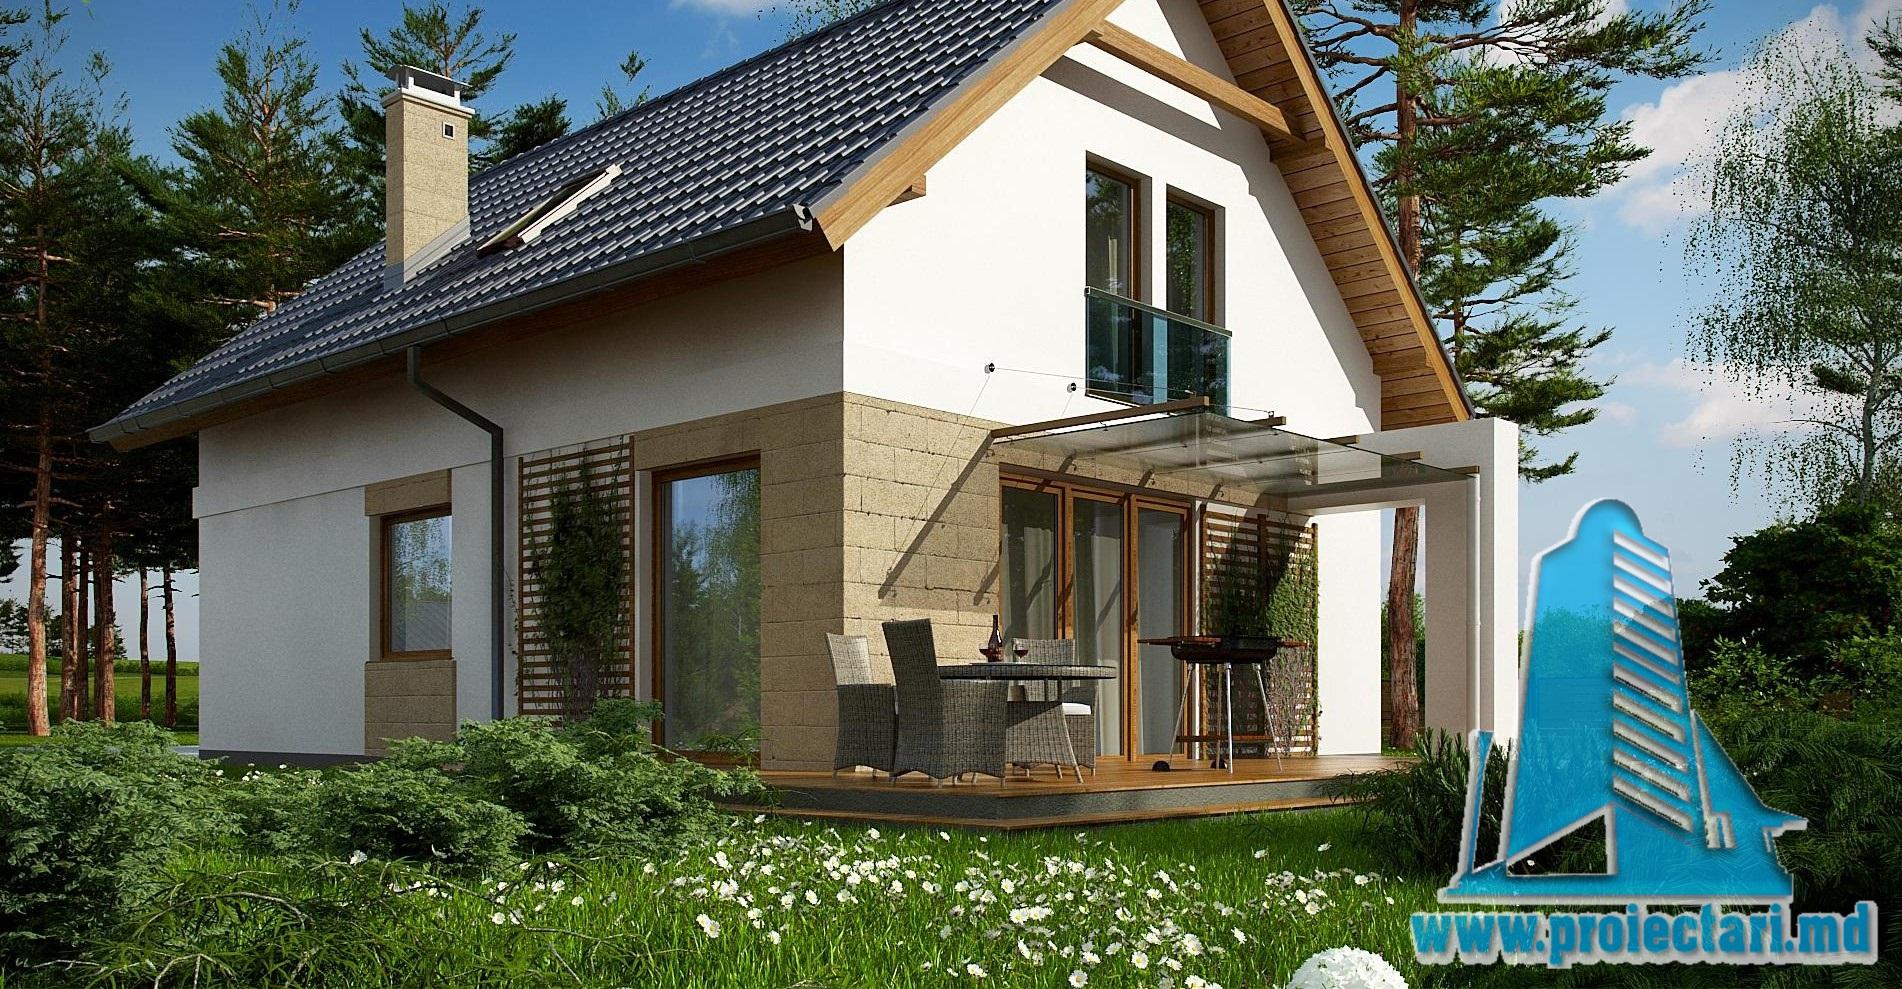 Proiect de casa cu parter si mansarda – 170m2 cu terasa de vara si garaj pentru un automobil din piatra de calcar- 100984